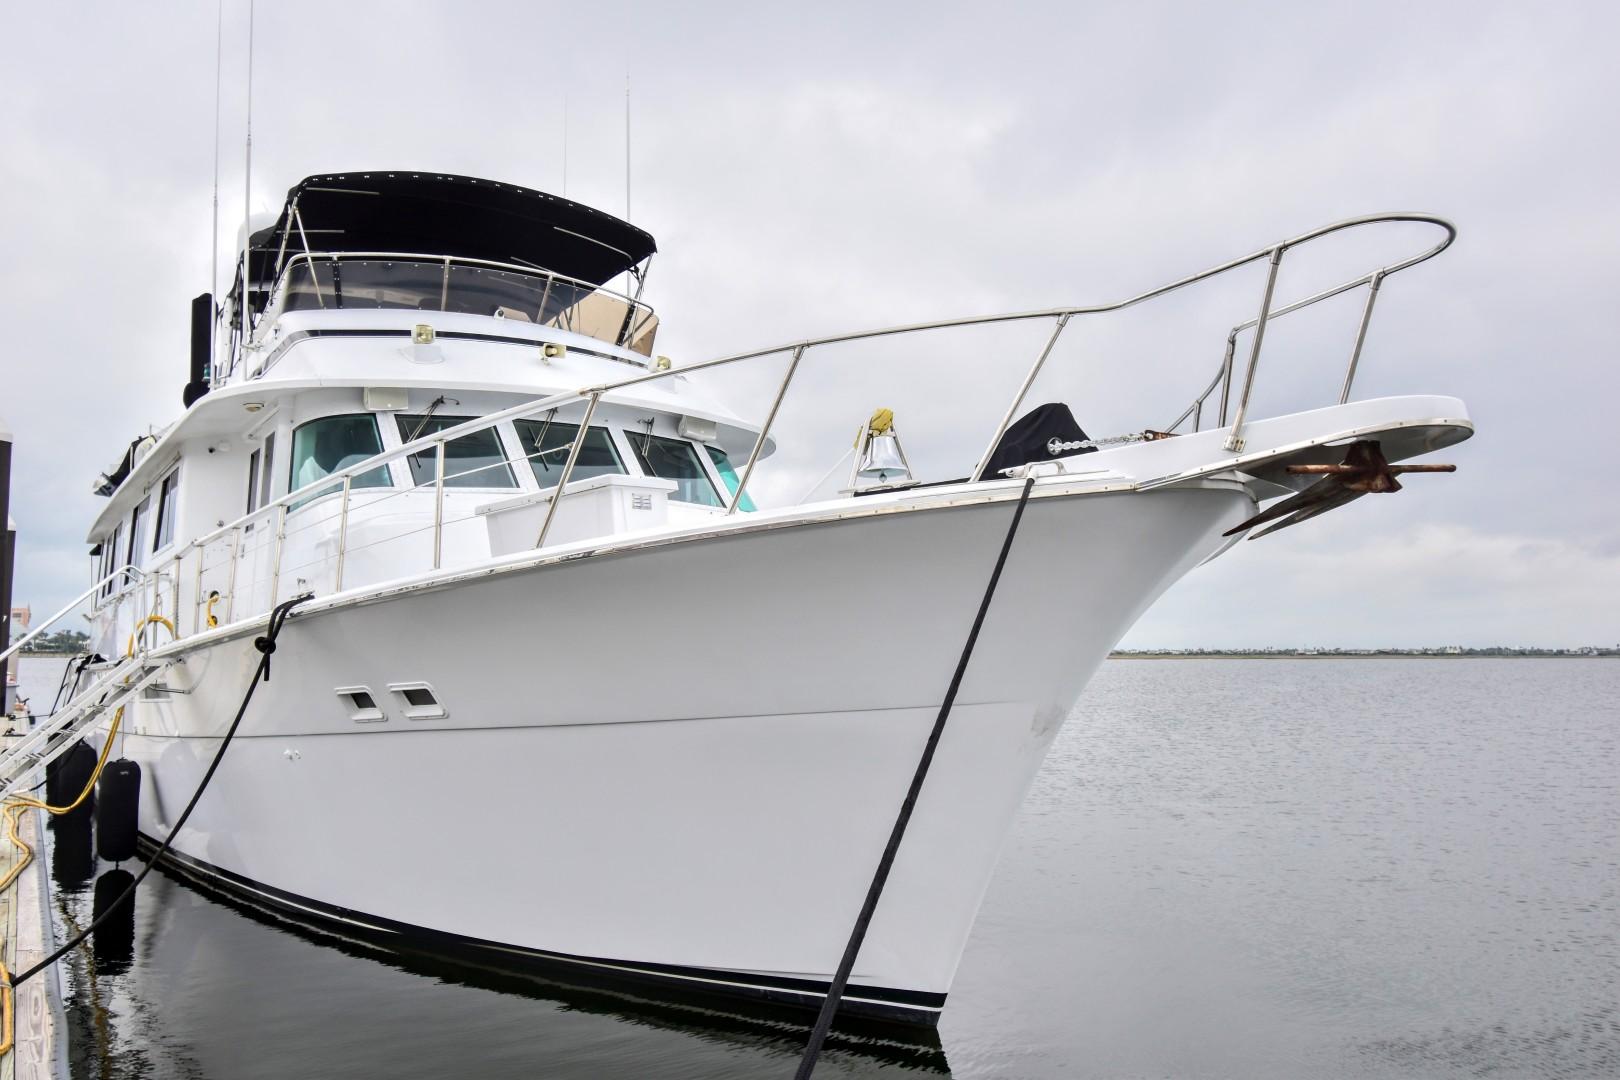 Hatteras-82 Cockpit Motor Yacht 1985-Papillon Seabrook-Texas-United States-Hatteras Motor Yacht 1985 Papillon-1345403 | Thumbnail